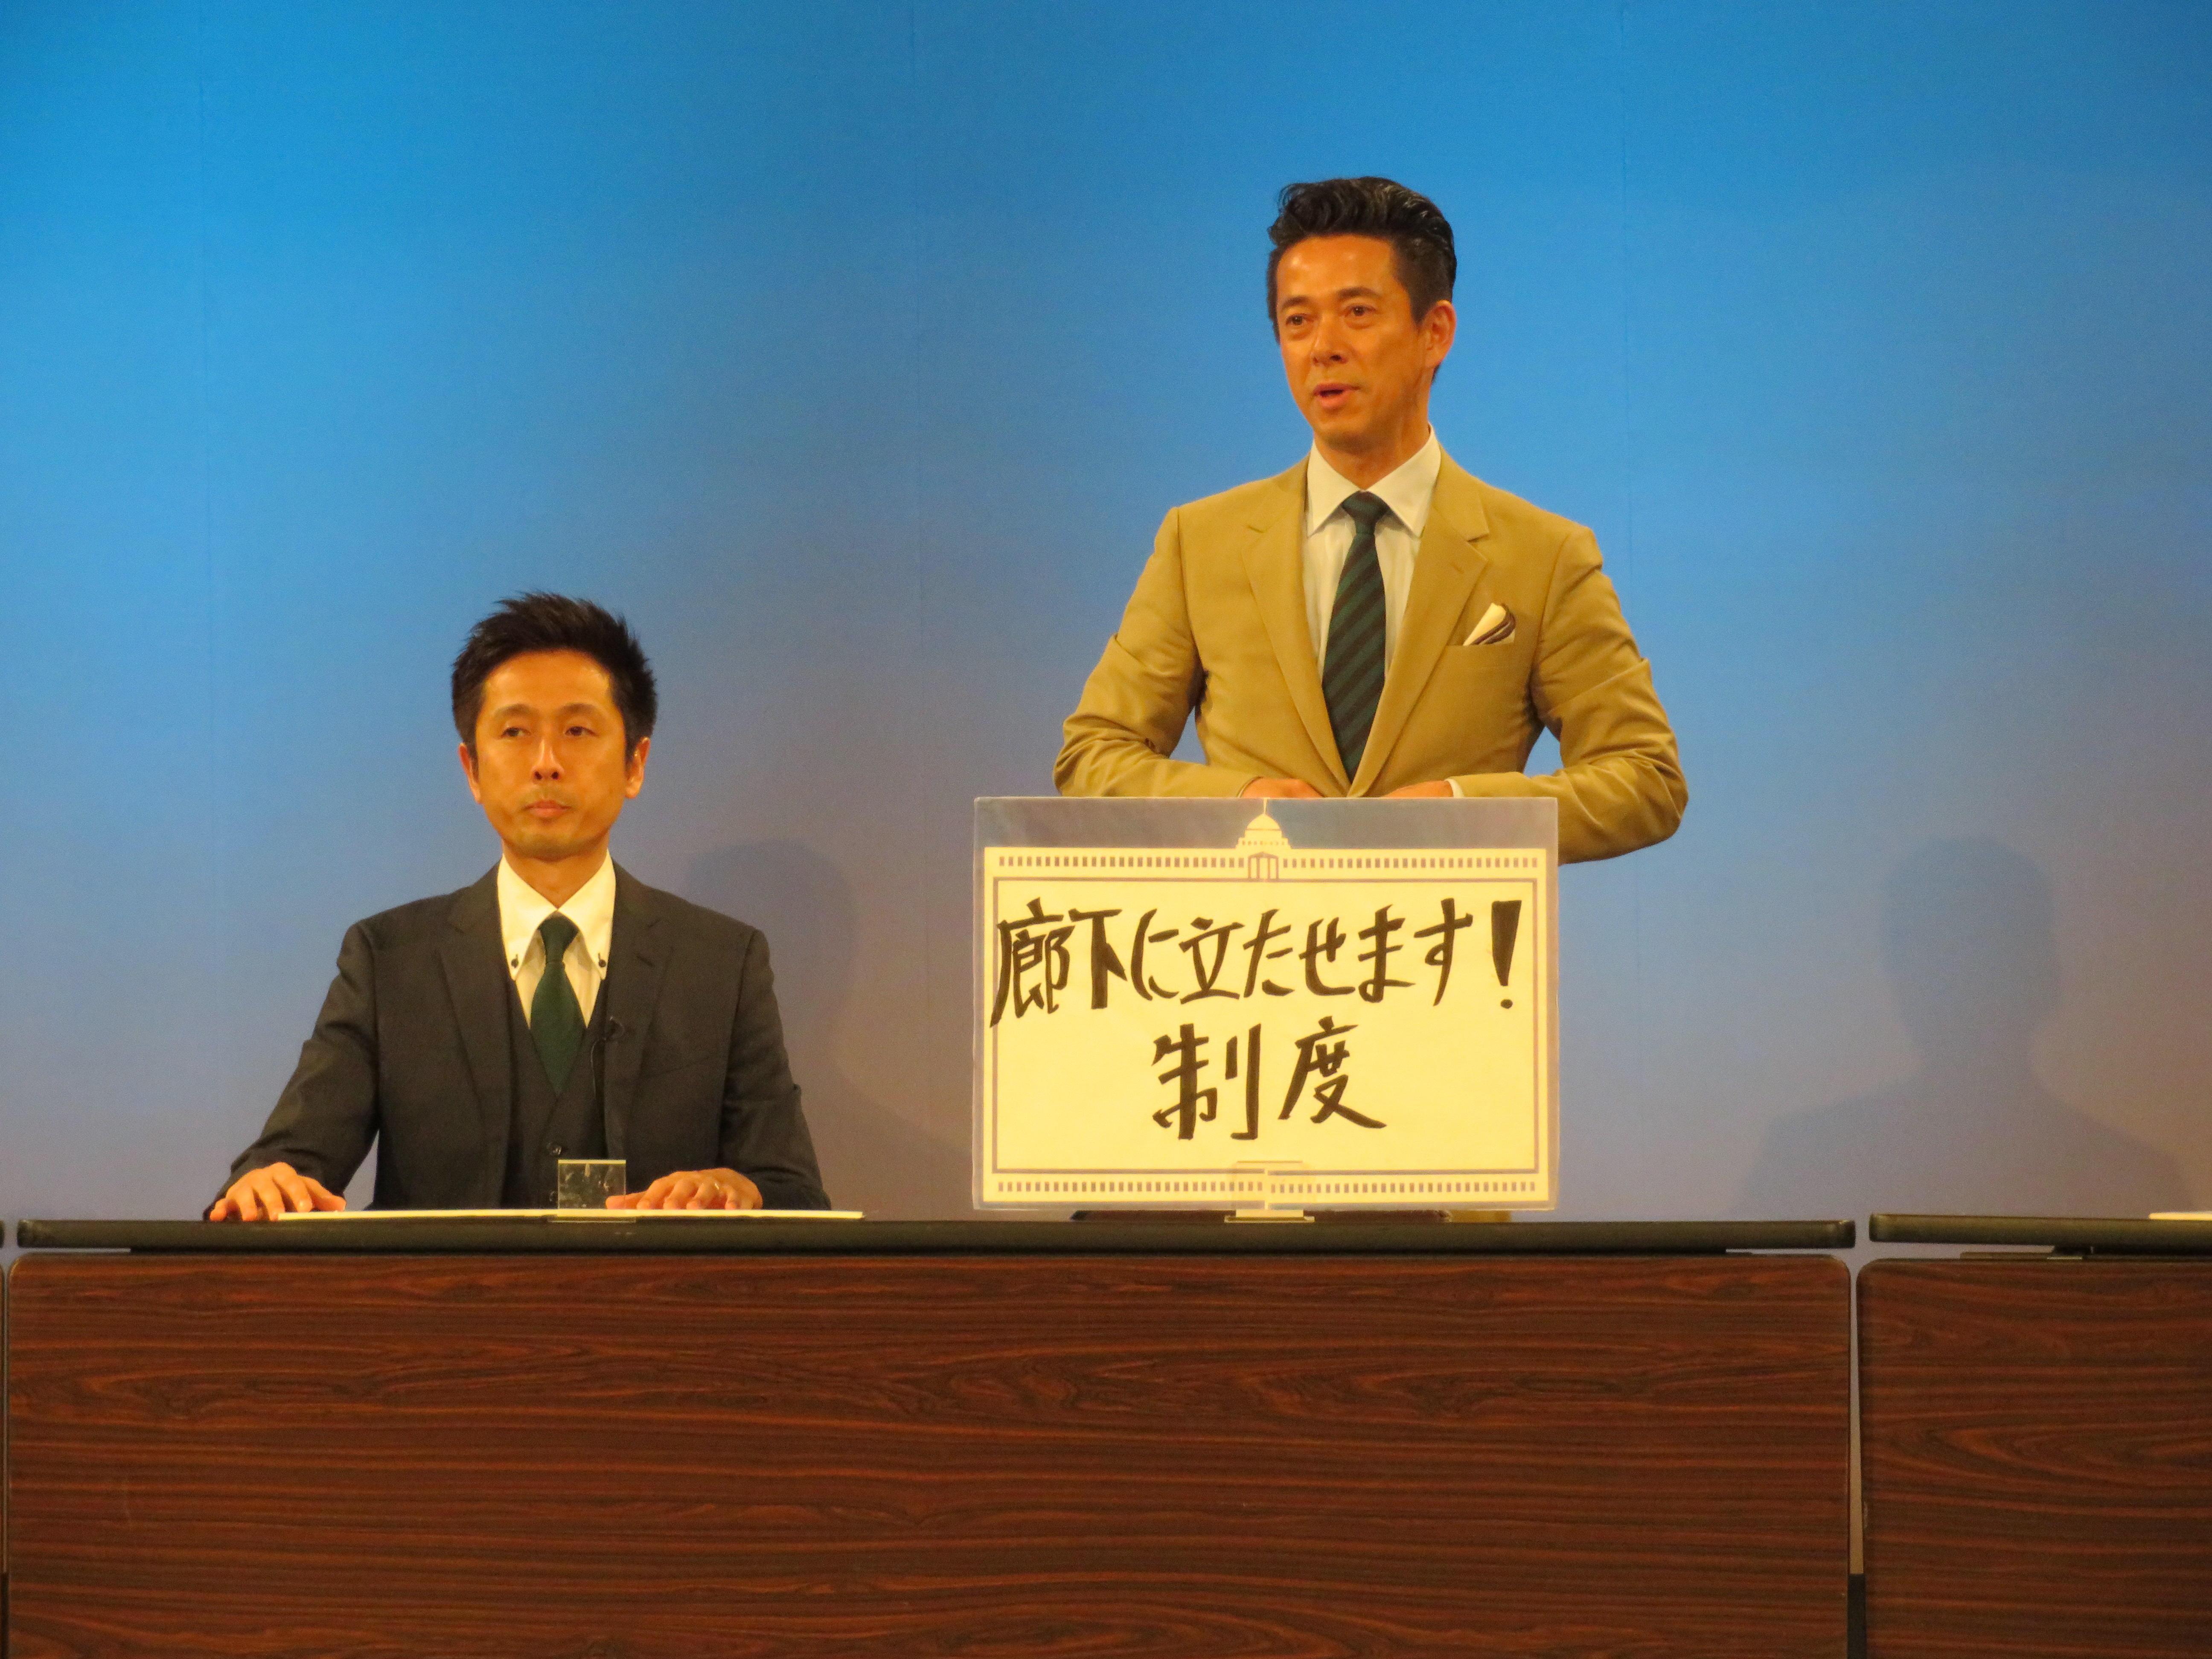 http://news.yoshimoto.co.jp/20170803163306-7c3f3a1244971ef53c2256a6ff63d0652ba46ae0.jpg